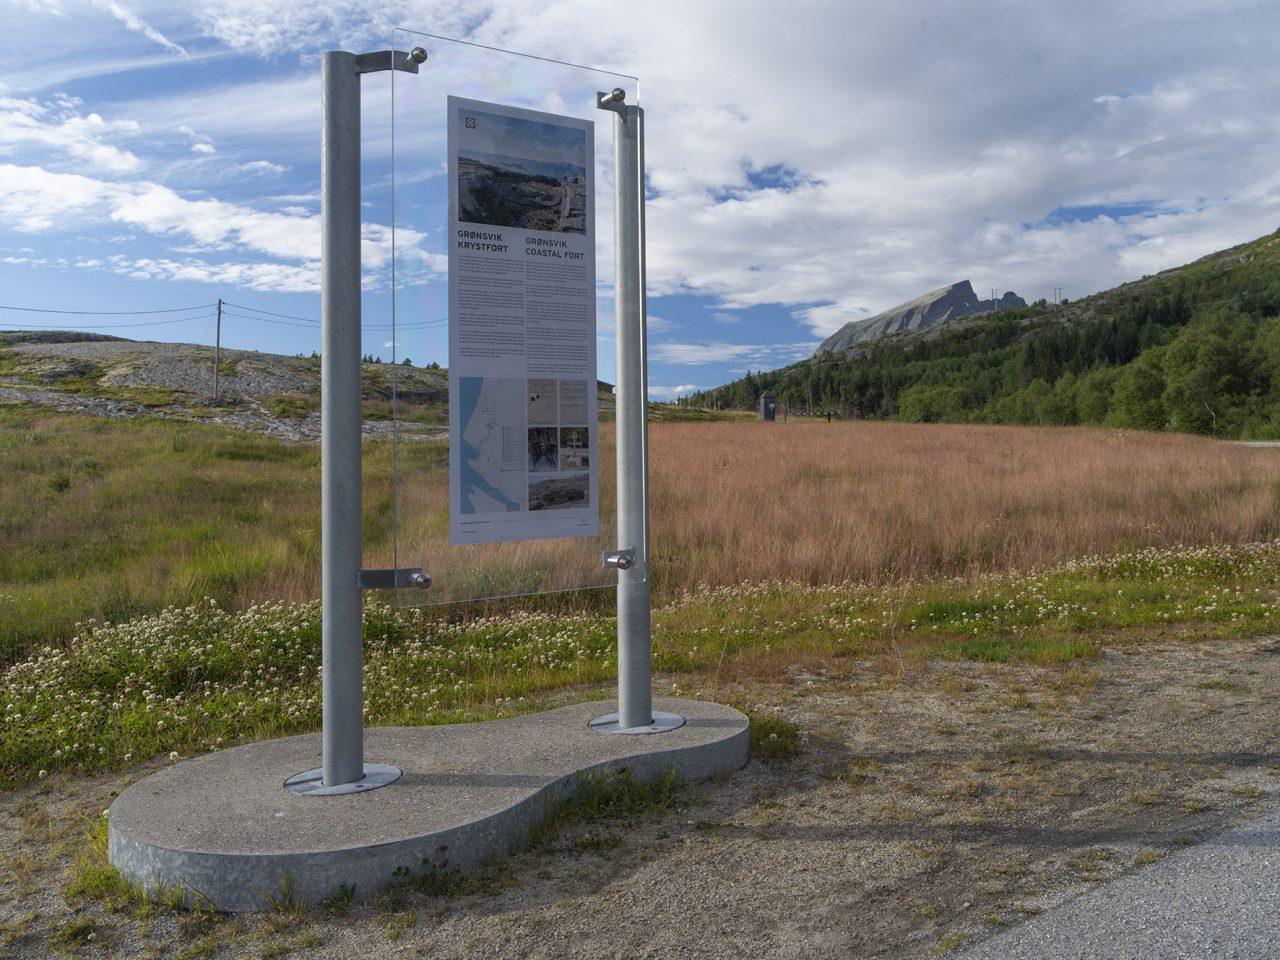 Informasjonsskilt, Grønsvik kystfort, Lurøy